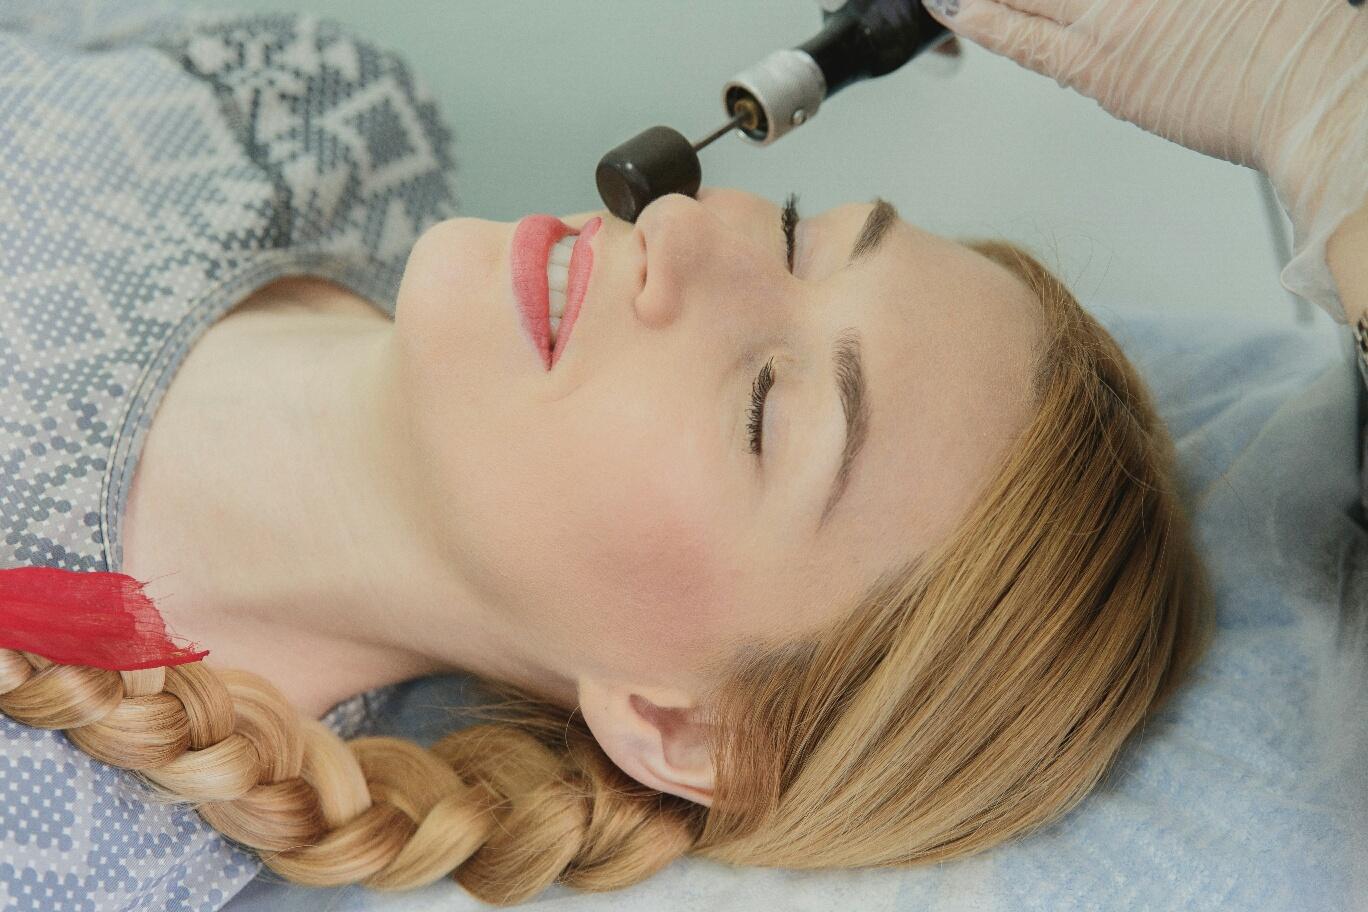 БМС тела, головы, прессотерапия, силовая тренировка от 4,50 руб/сеанс